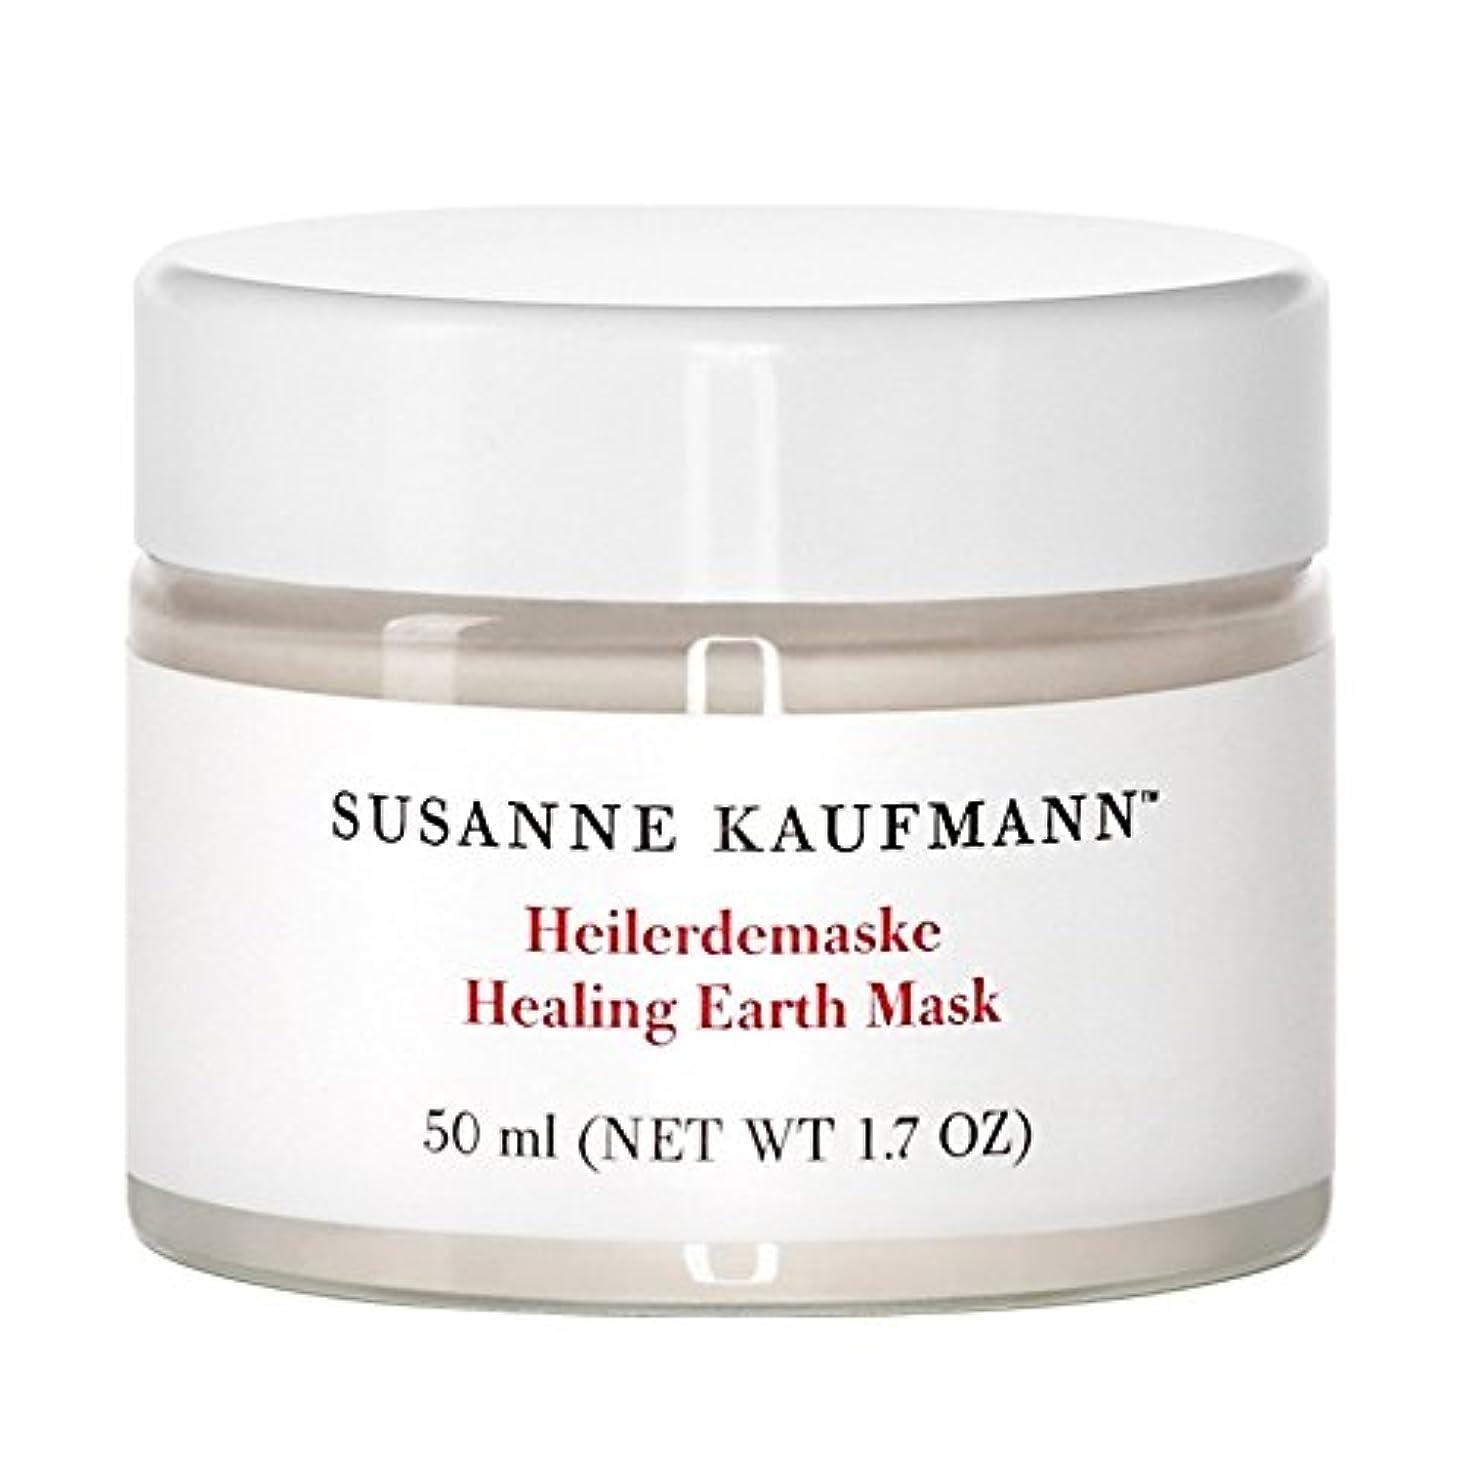 小道具素晴らしい良い多くの難しいSusanne Kaufmann Healing Earth Mask 50ml - スザンヌカウフマン癒しの地球マスク50ミリリットル [並行輸入品]